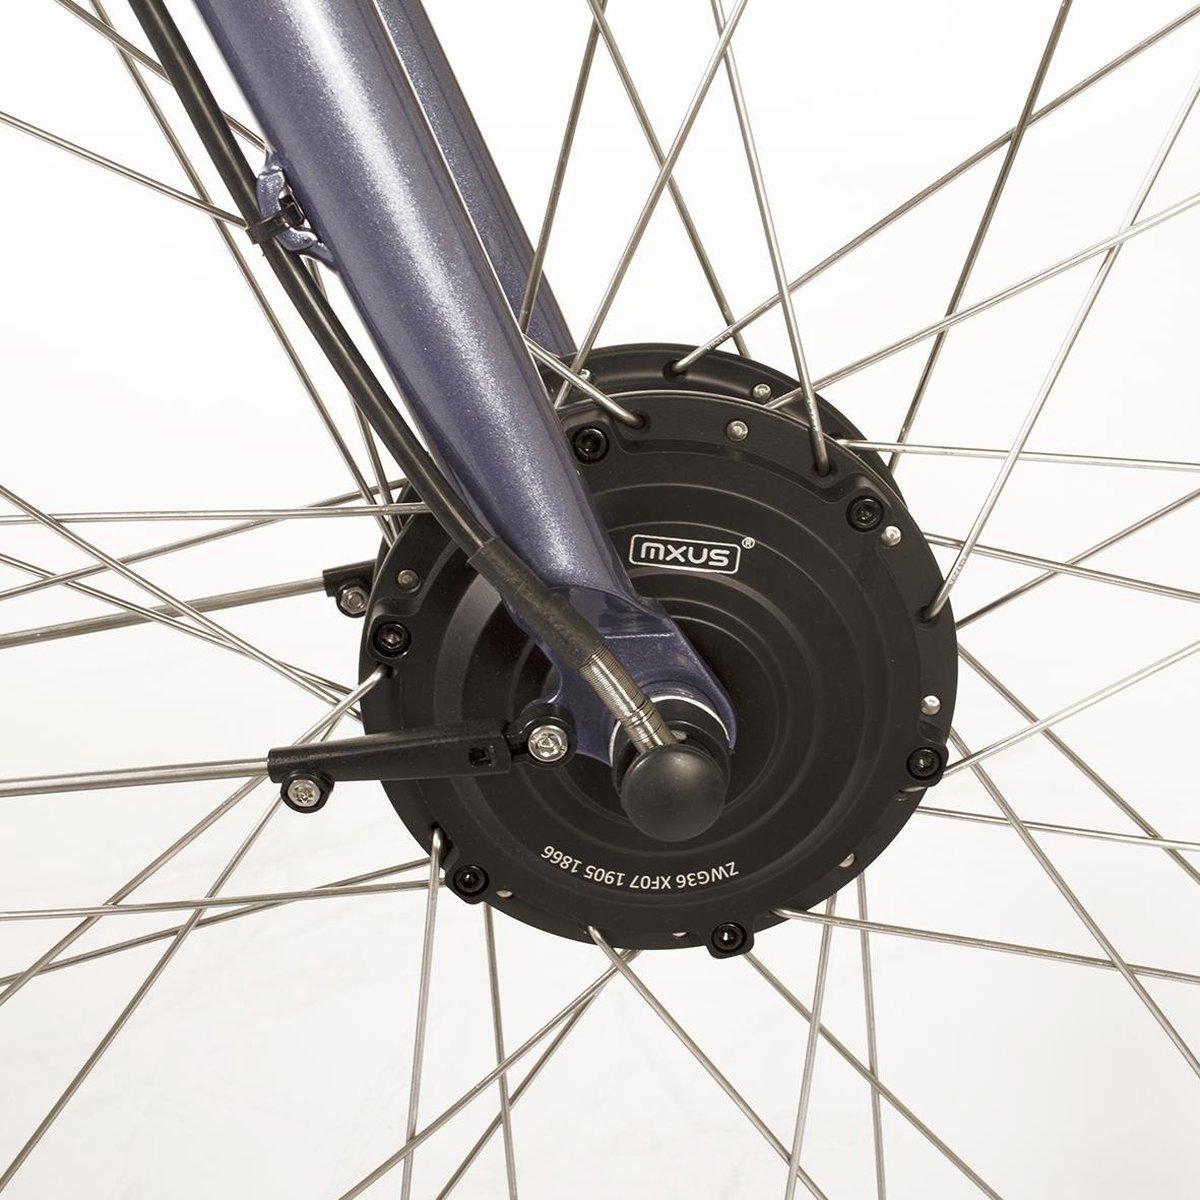 vilette, e-bike, bol.com, elektrische fiets, prijs-kwaliteitverhouding